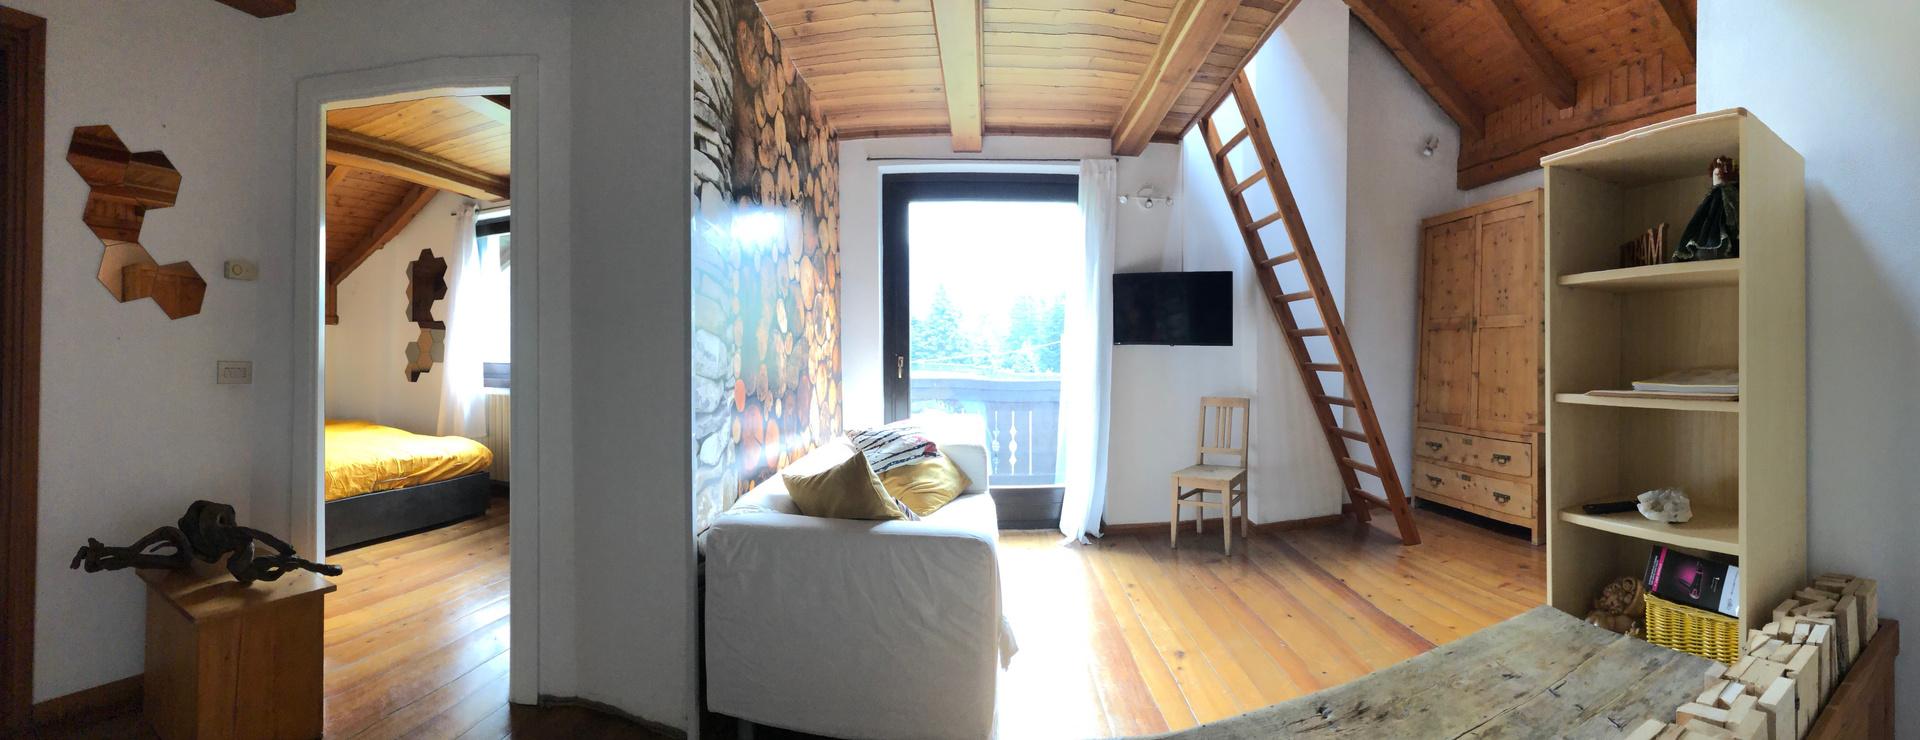 Appartamento a Bormio in piccolo chalet immerso nel verde